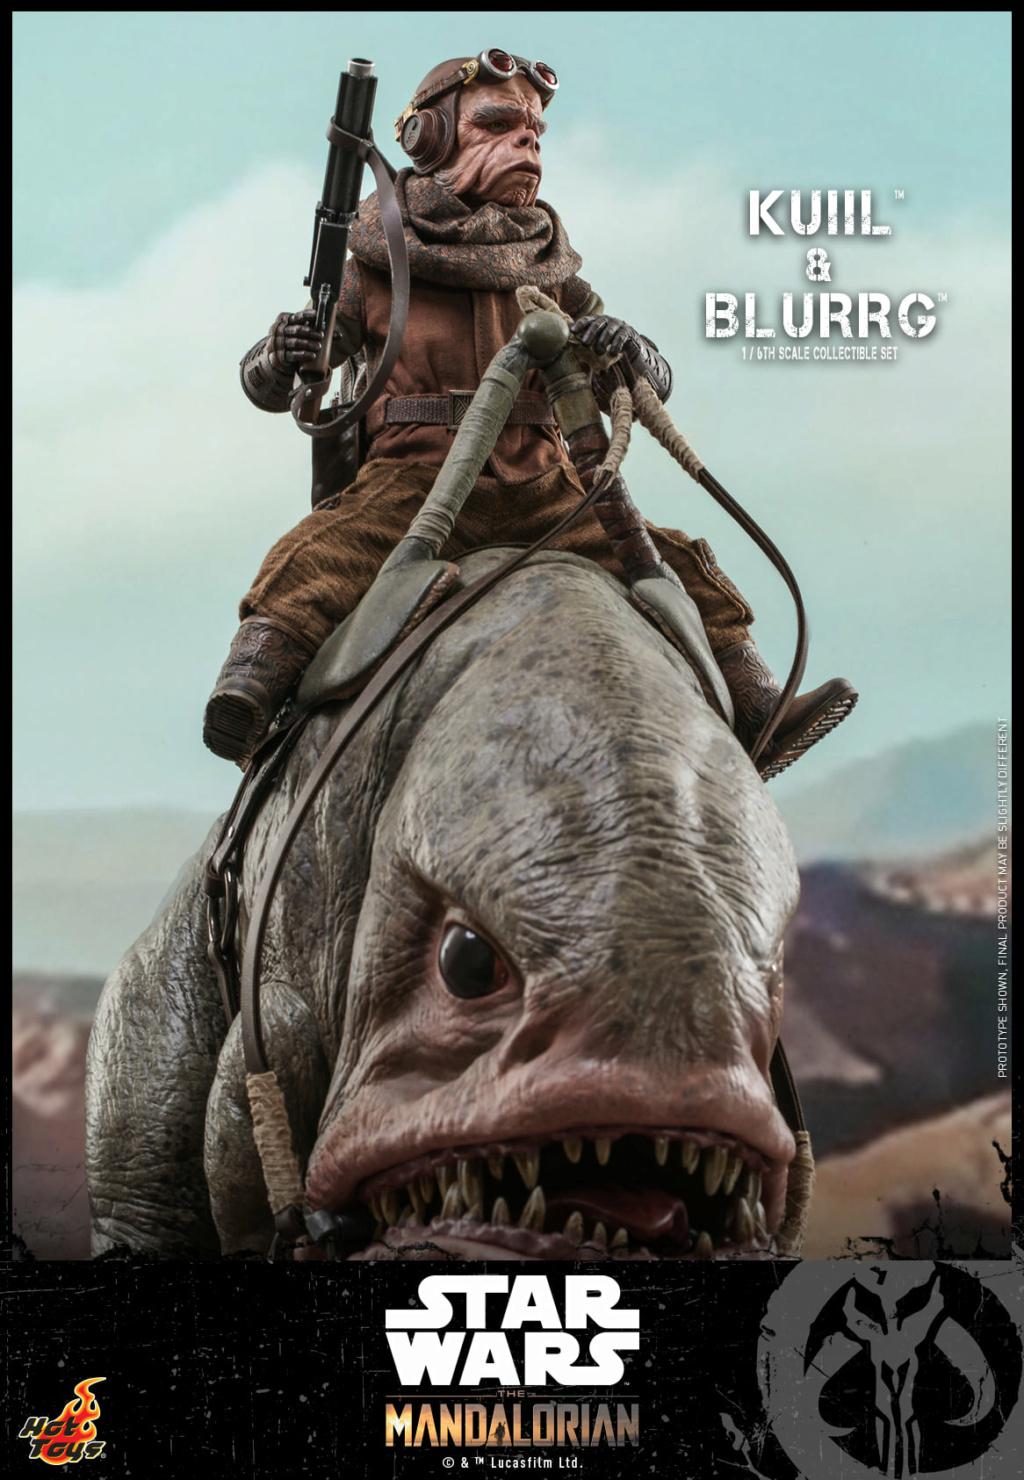 Kuiil & Blurrg Collectible Set - Star Wars - Hot Toys Kuiil_35